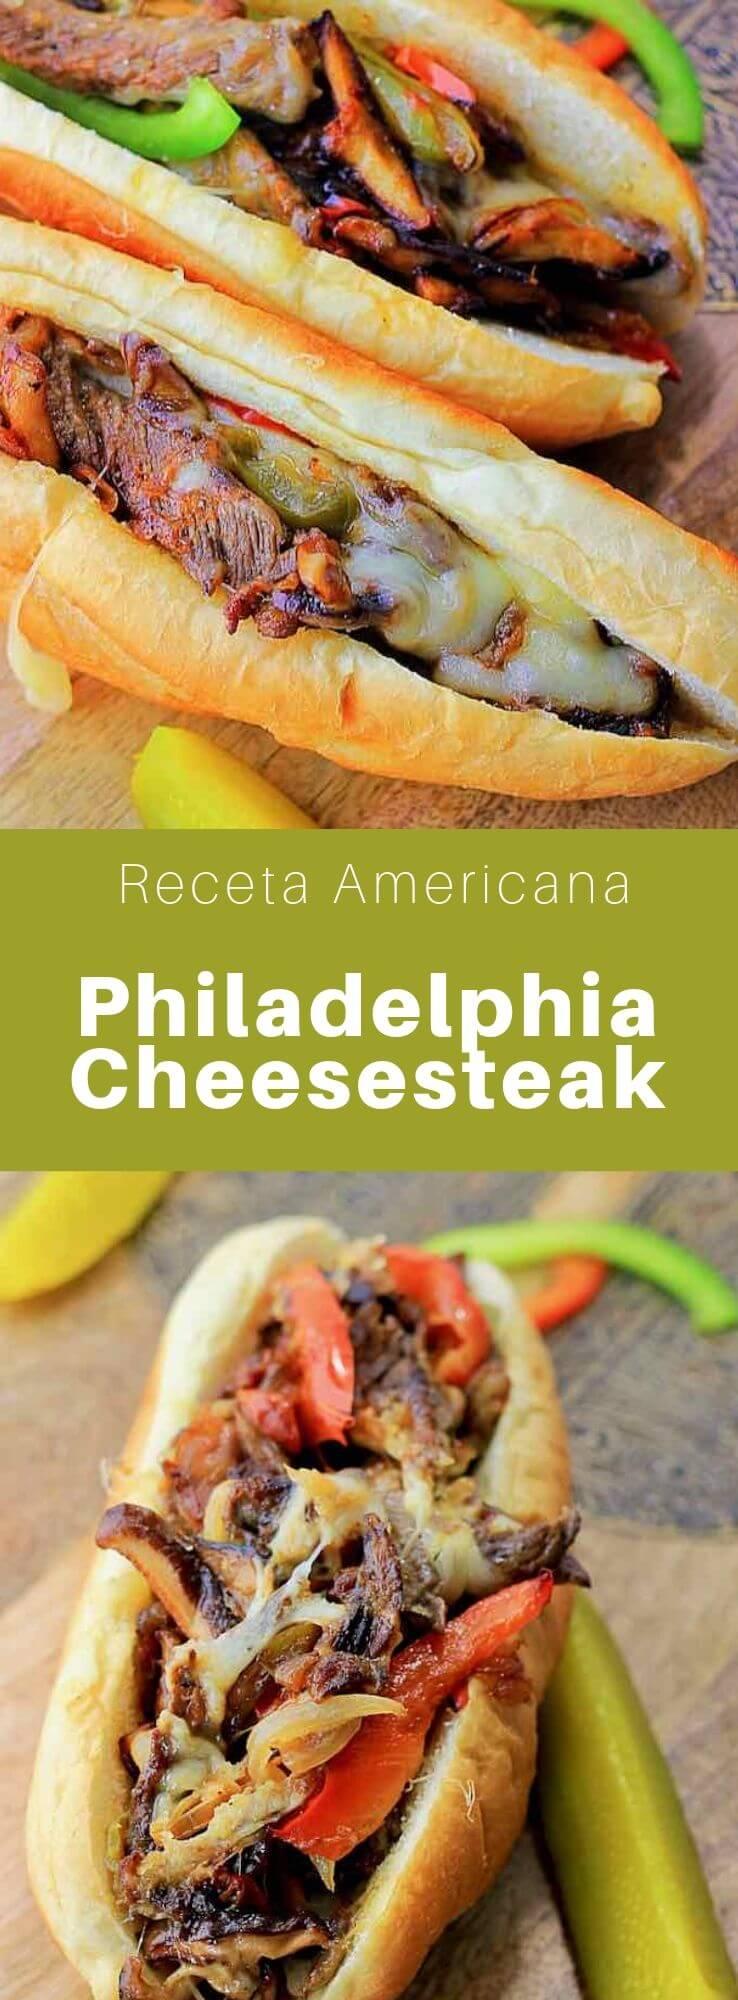 El Philadelphia cheesesteak, o Philly cheesesteak, es un sándwich típico de carne y queso de la ciudad de Filadelfia, que a veces incluye cebolla, pimientos y champiñones.